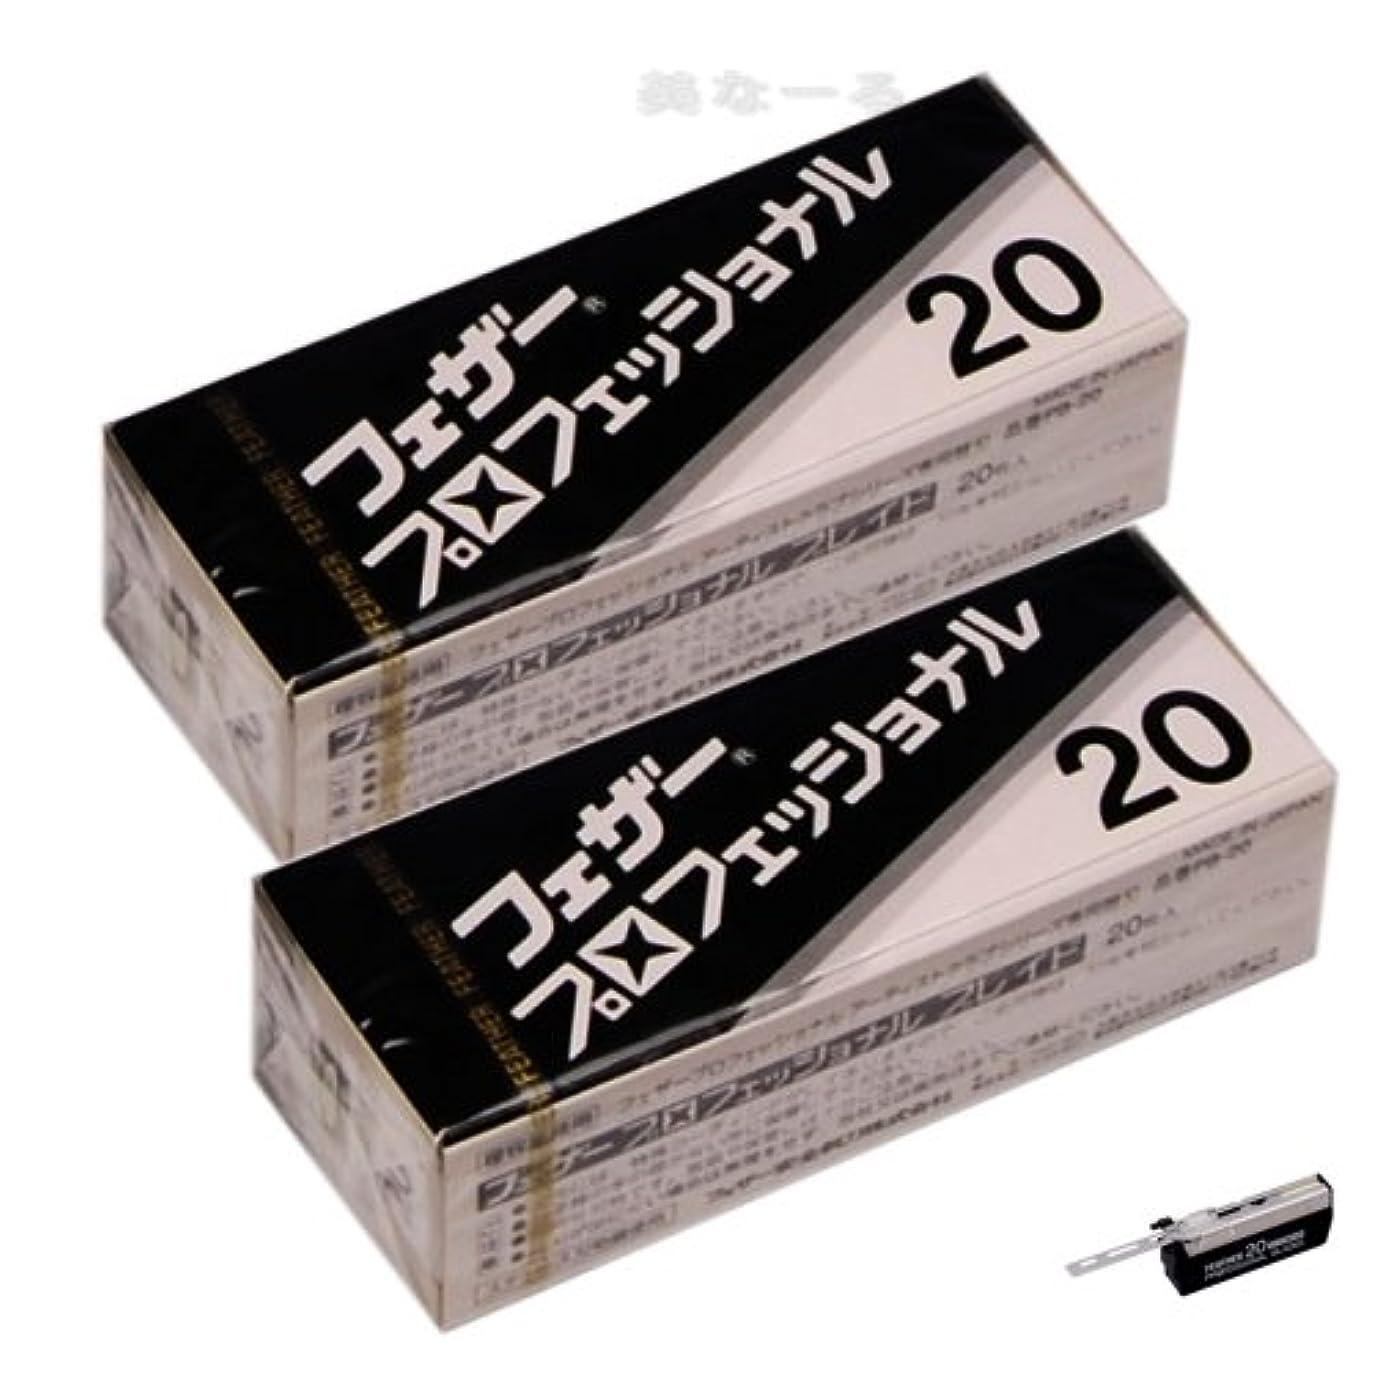 ラッチ中世の見せます【2個セット】フェザープロフェッショナルブレイド 20枚入 PB-20